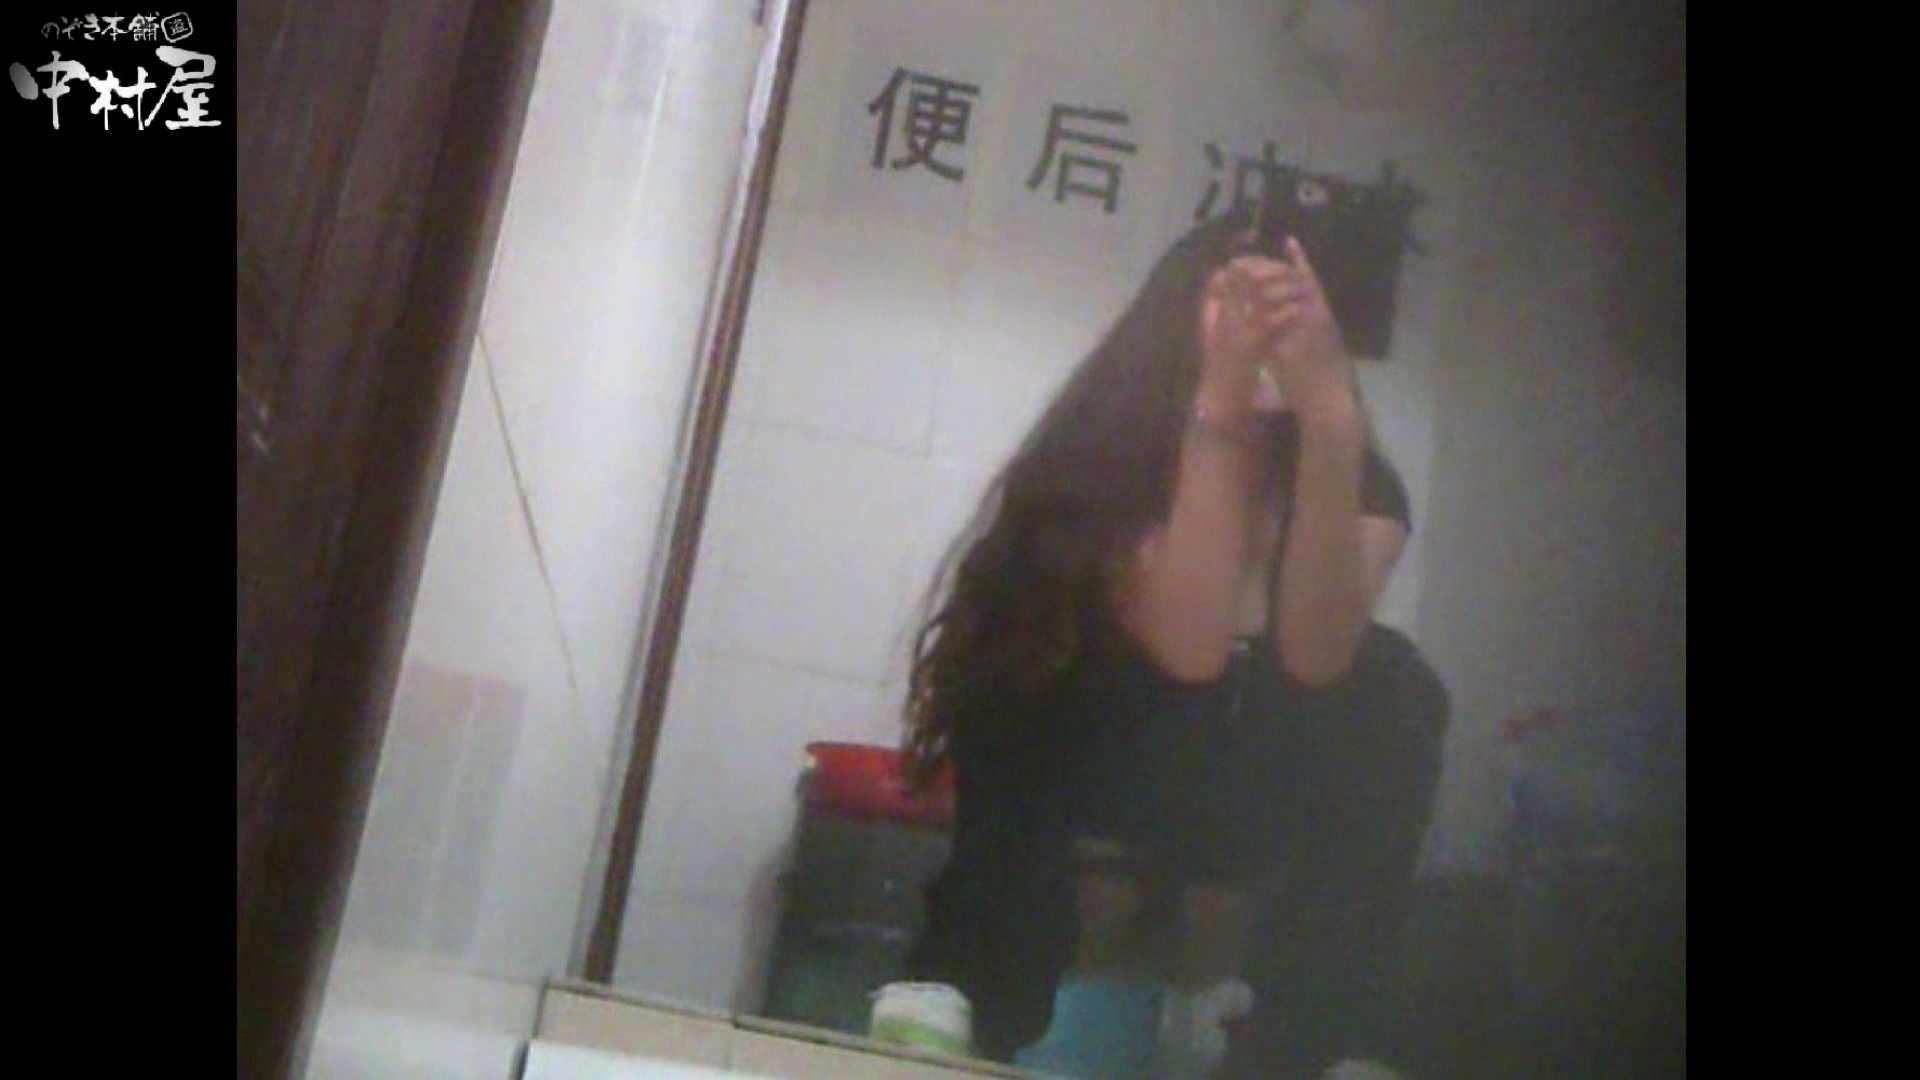 李さんの盗撮日記 Vol.03 エッチな盗撮 アダルト動画キャプチャ 101pic 52